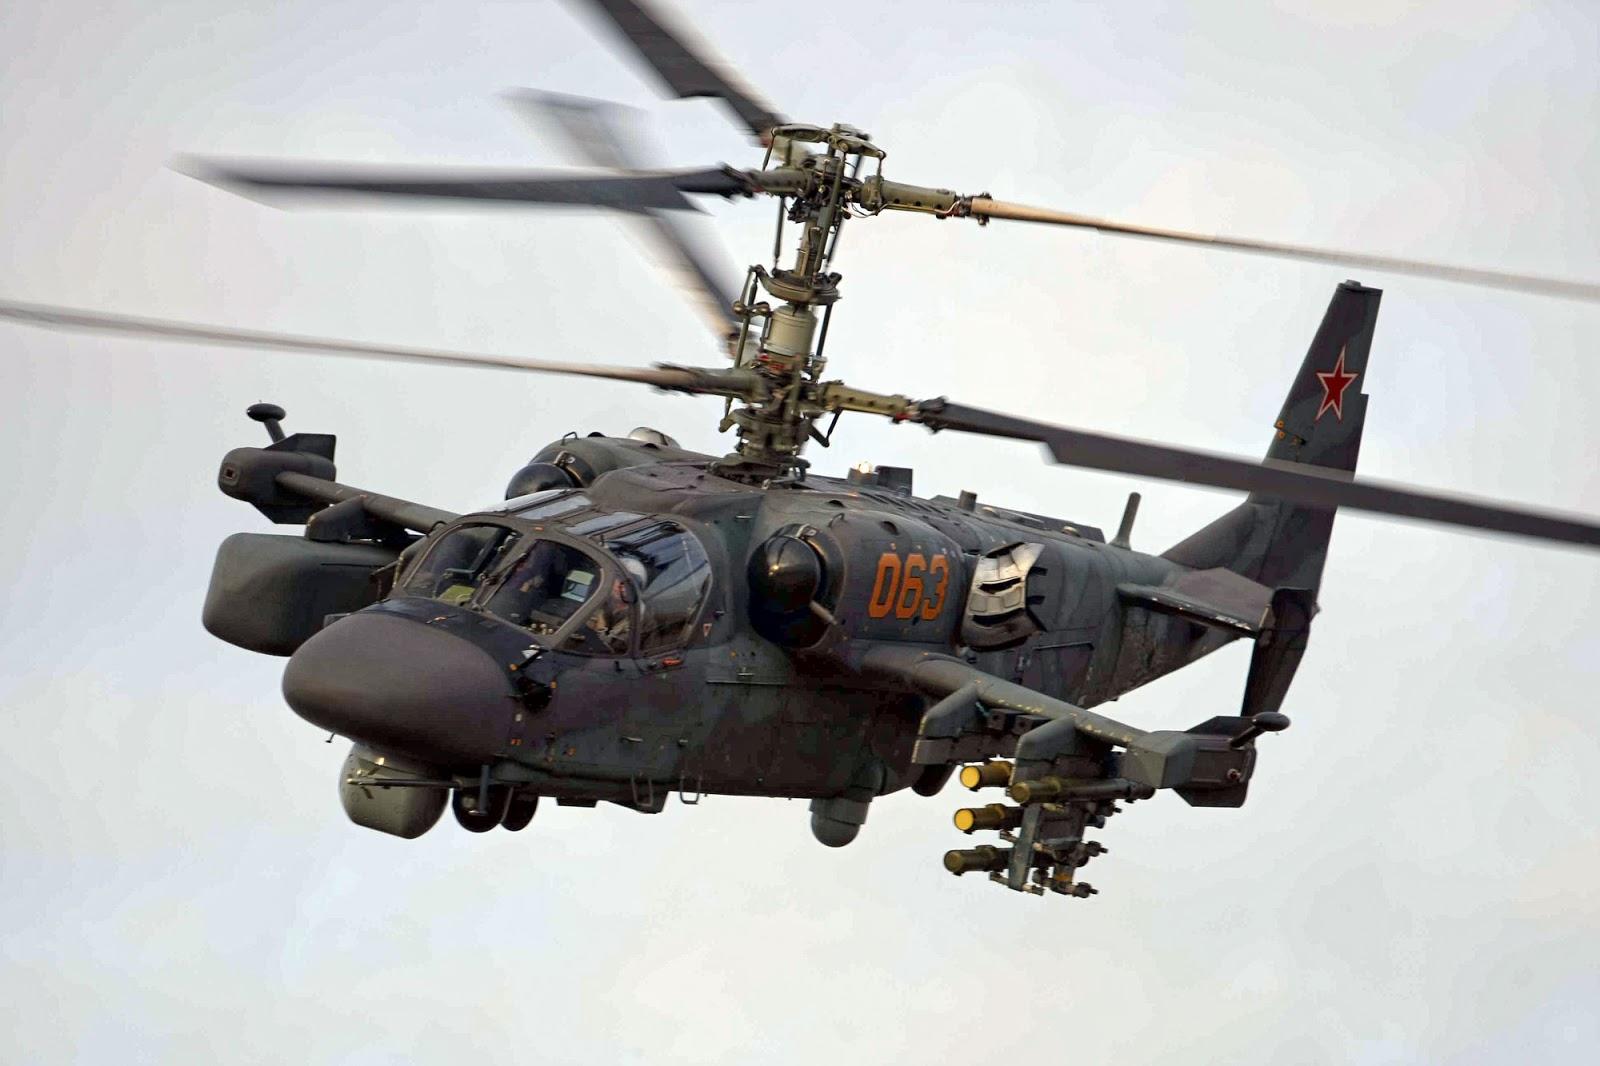 Ka-52 Alligator Attack Helicopter